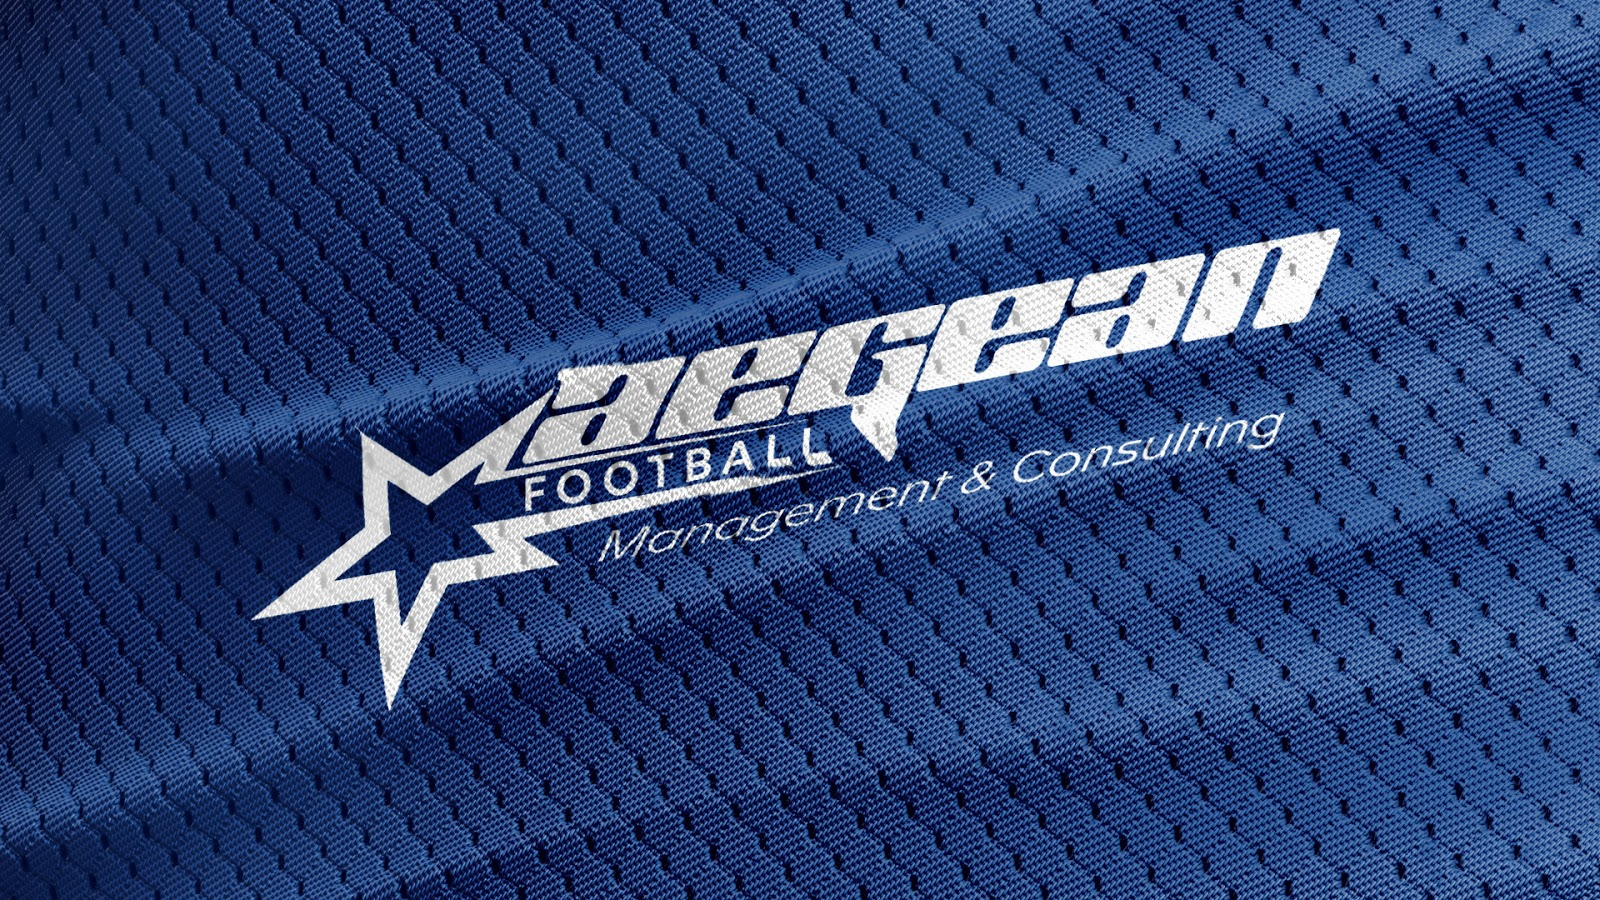 Futbol Menajerliği Logo Tasarımı